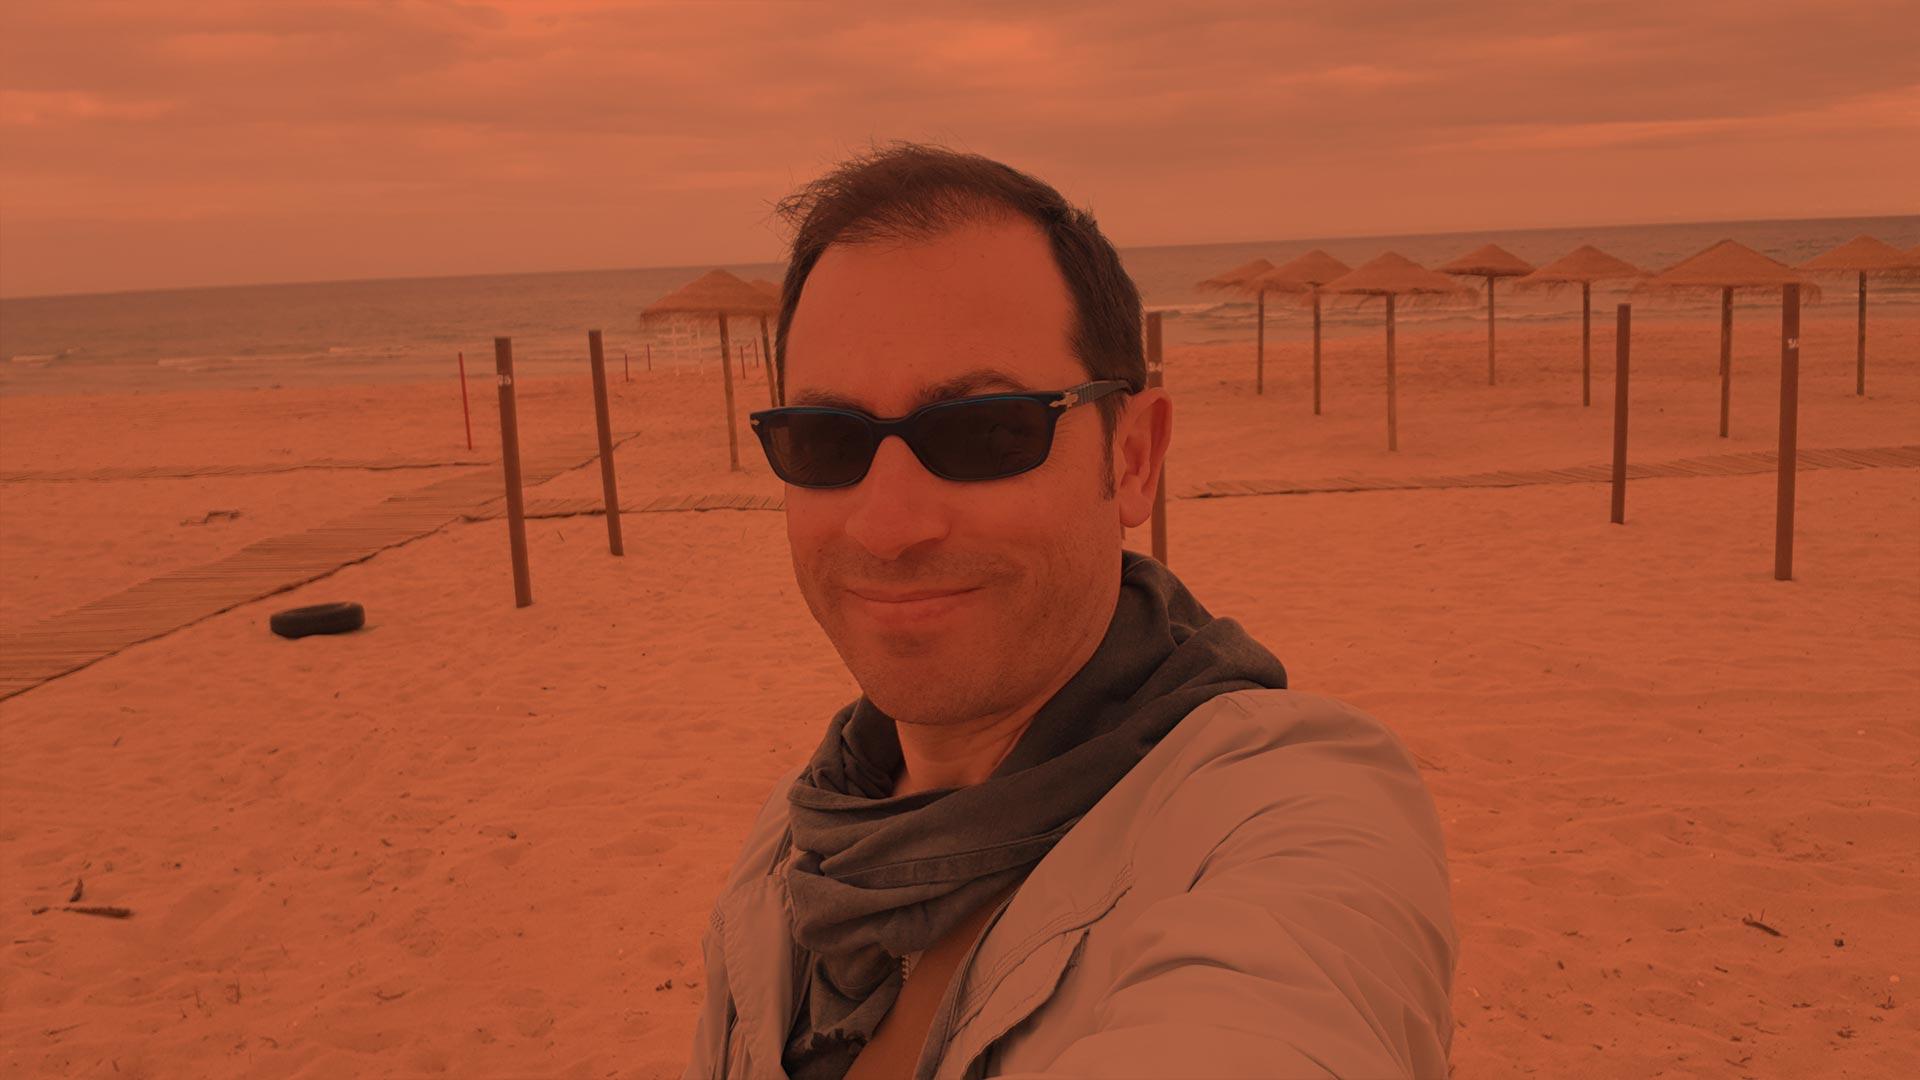 Hector-Robles_Pildoras-Innovacion-Real-246-Cabecera-Blog